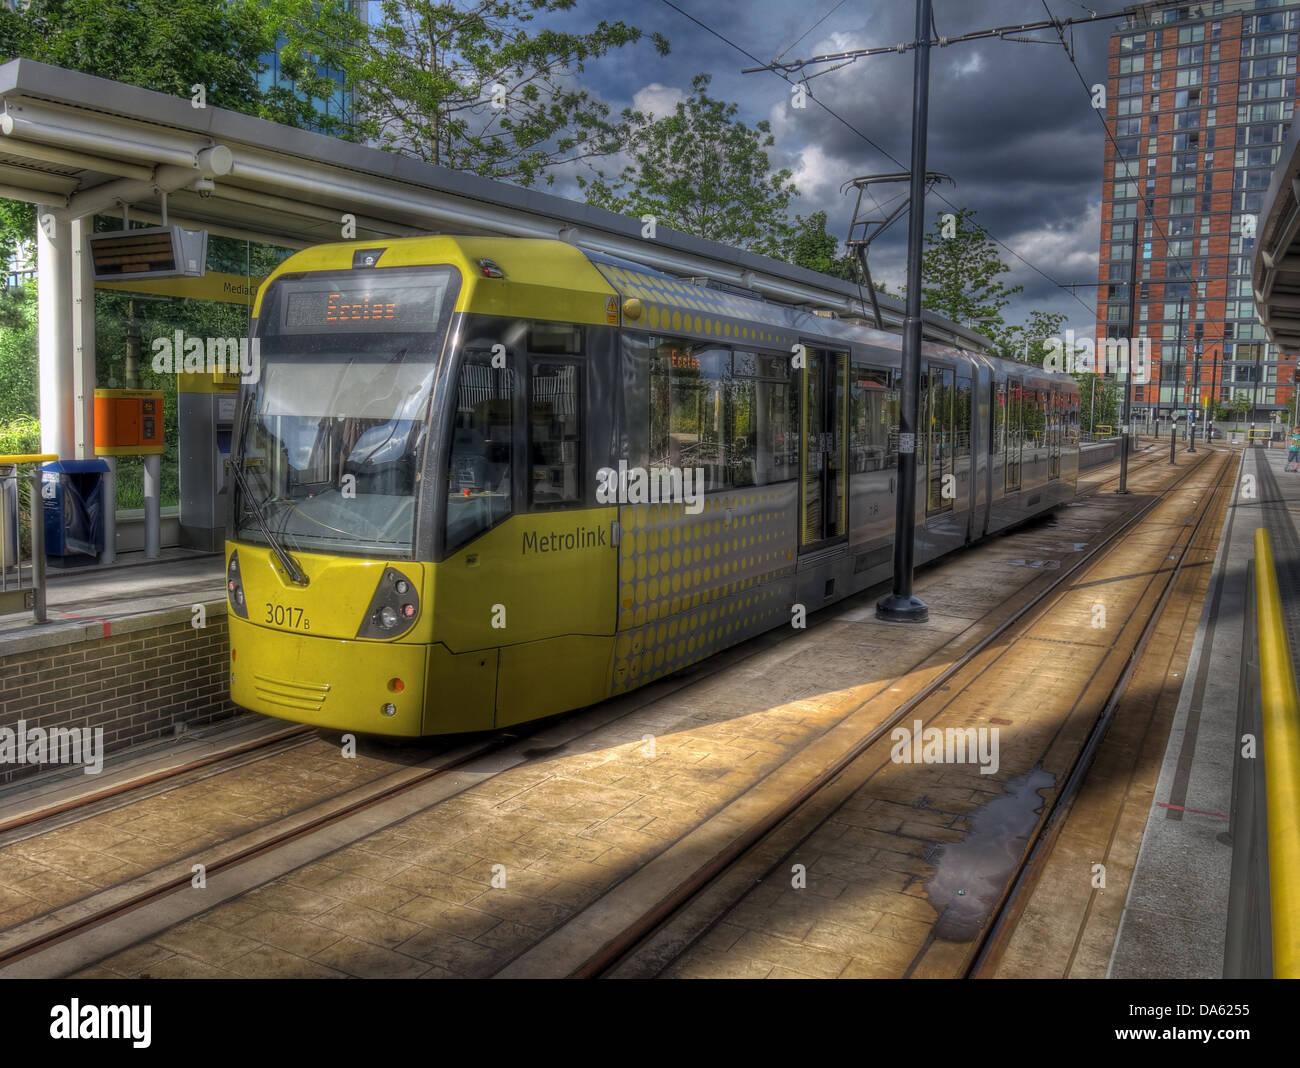 Laden Sie dieses Alamy Stockfoto Gelben Straßenbahn an der Medienstadt Metrolink Station, Salford Quays, Manchester, England UK - DA6255